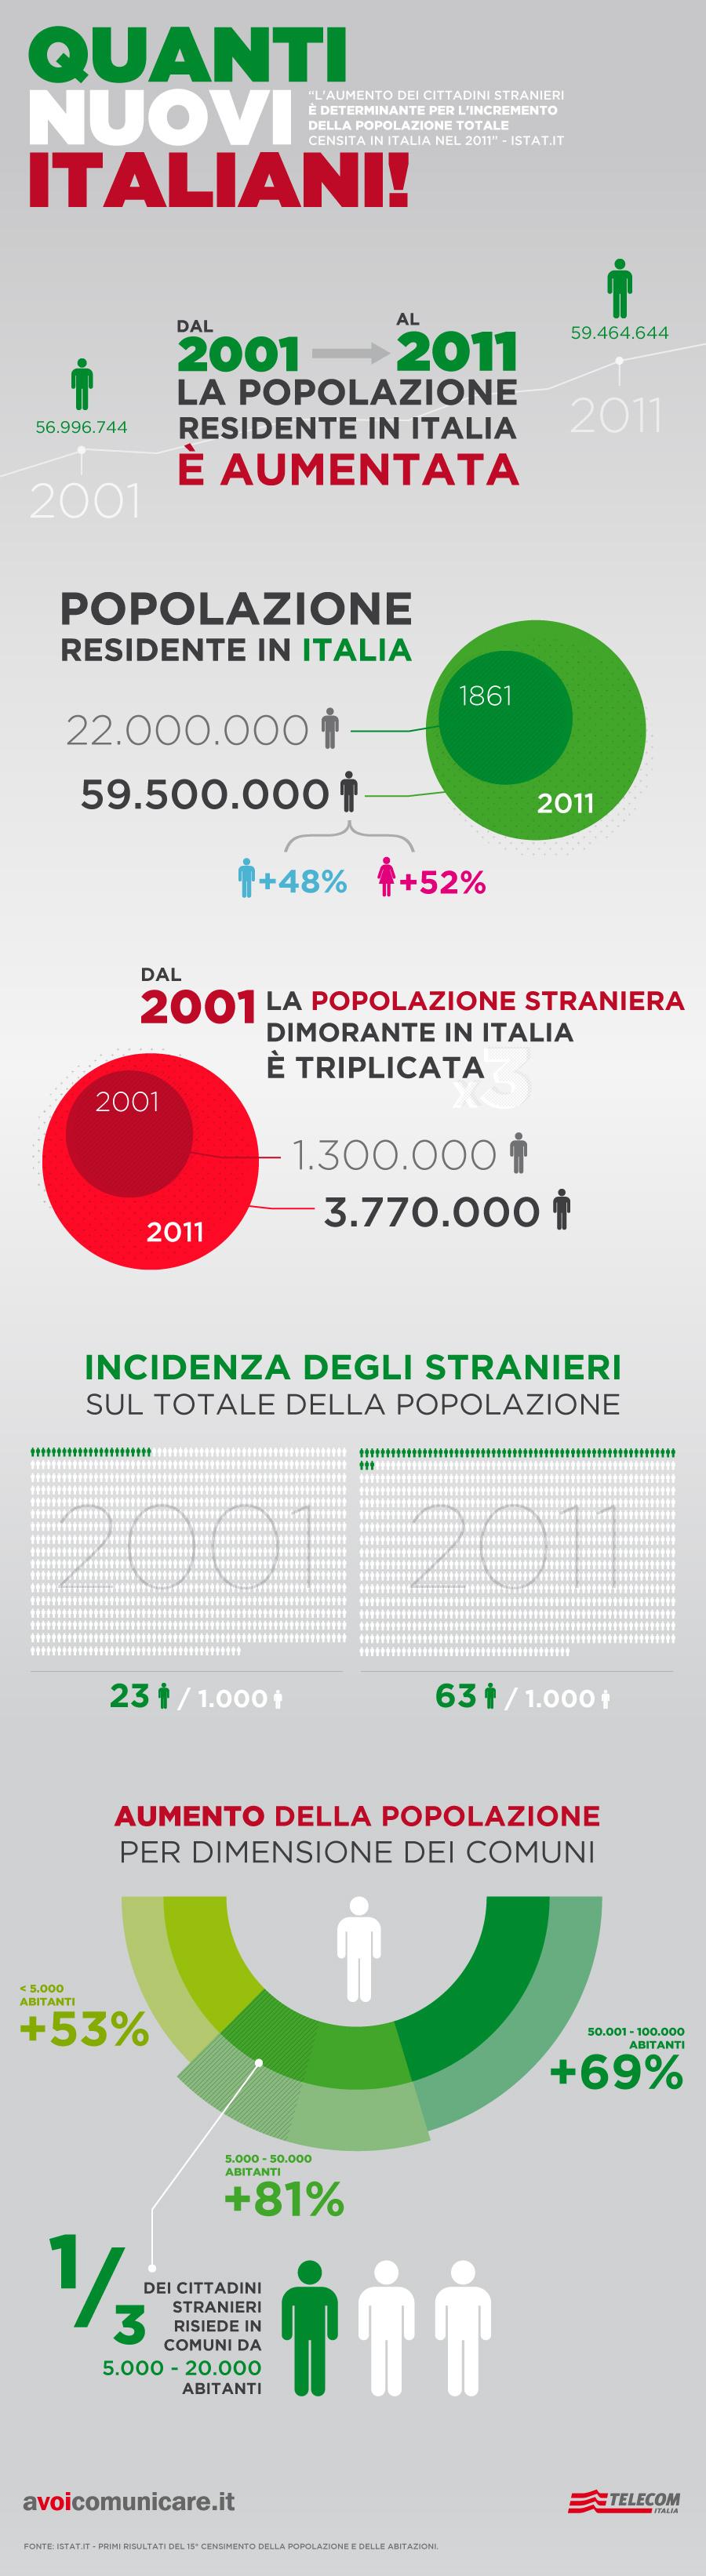 infografica.jpg